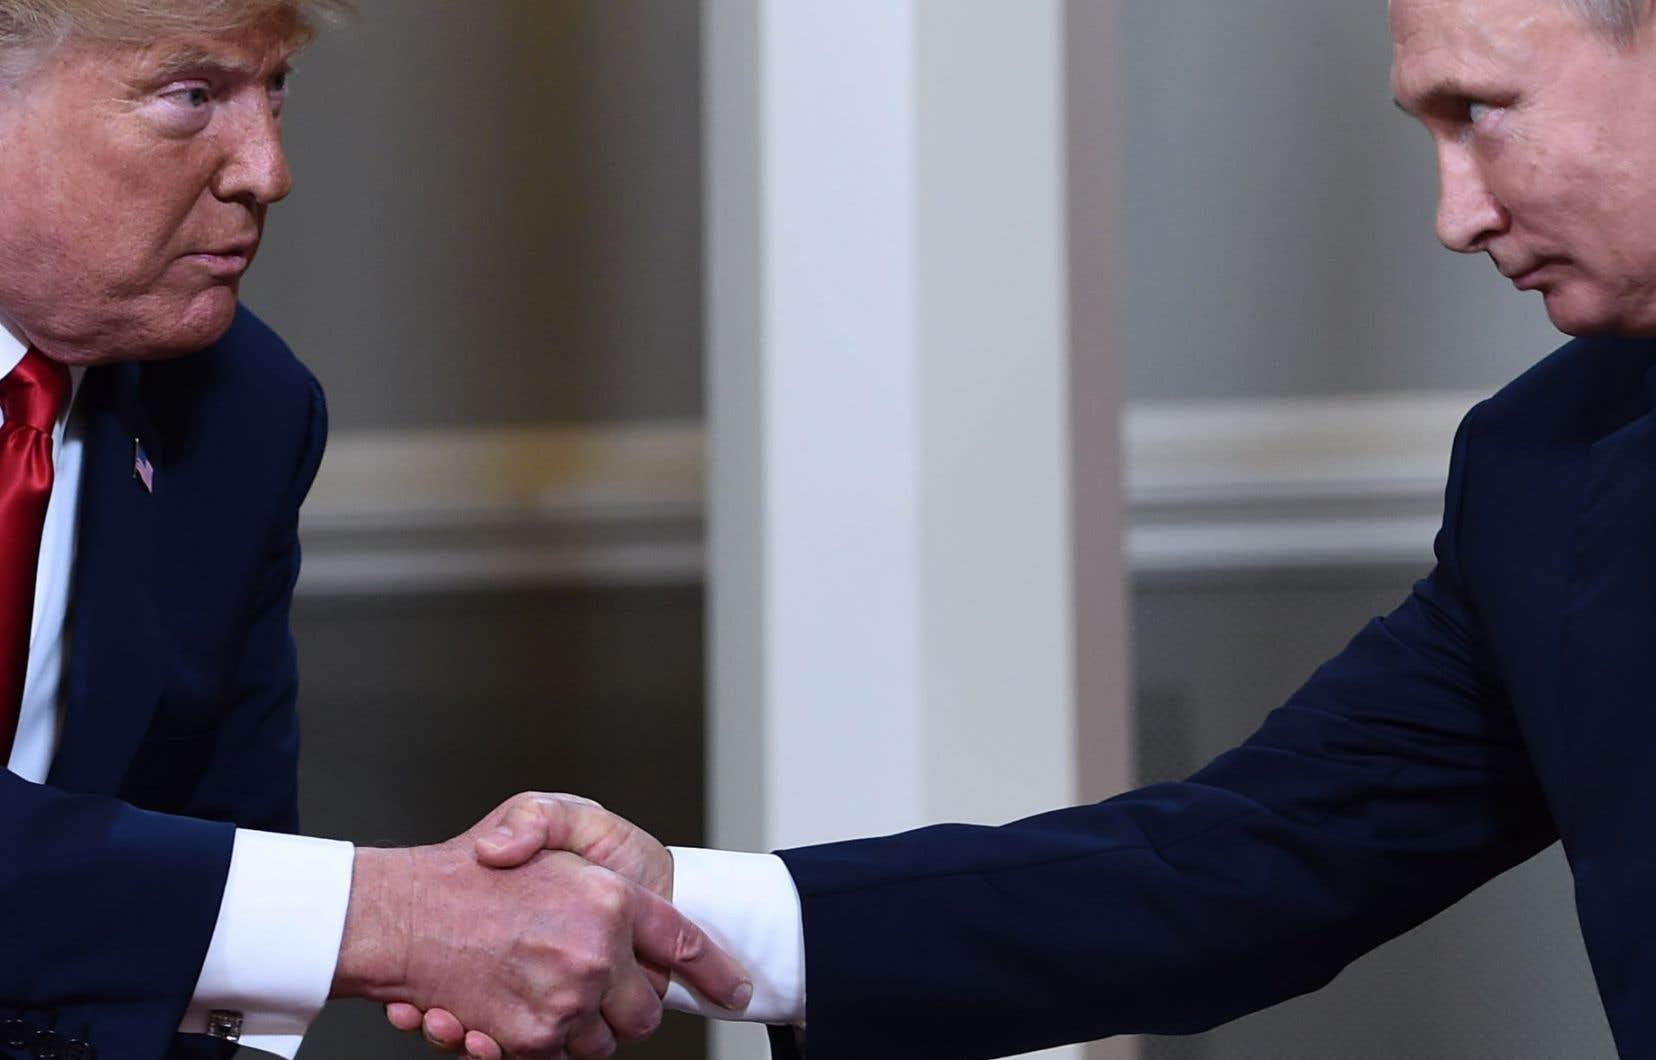 Les présidents russe et américain se serrant la main en marge d'un sommet du G20 à Hambourg, en Allemagne, en 2017